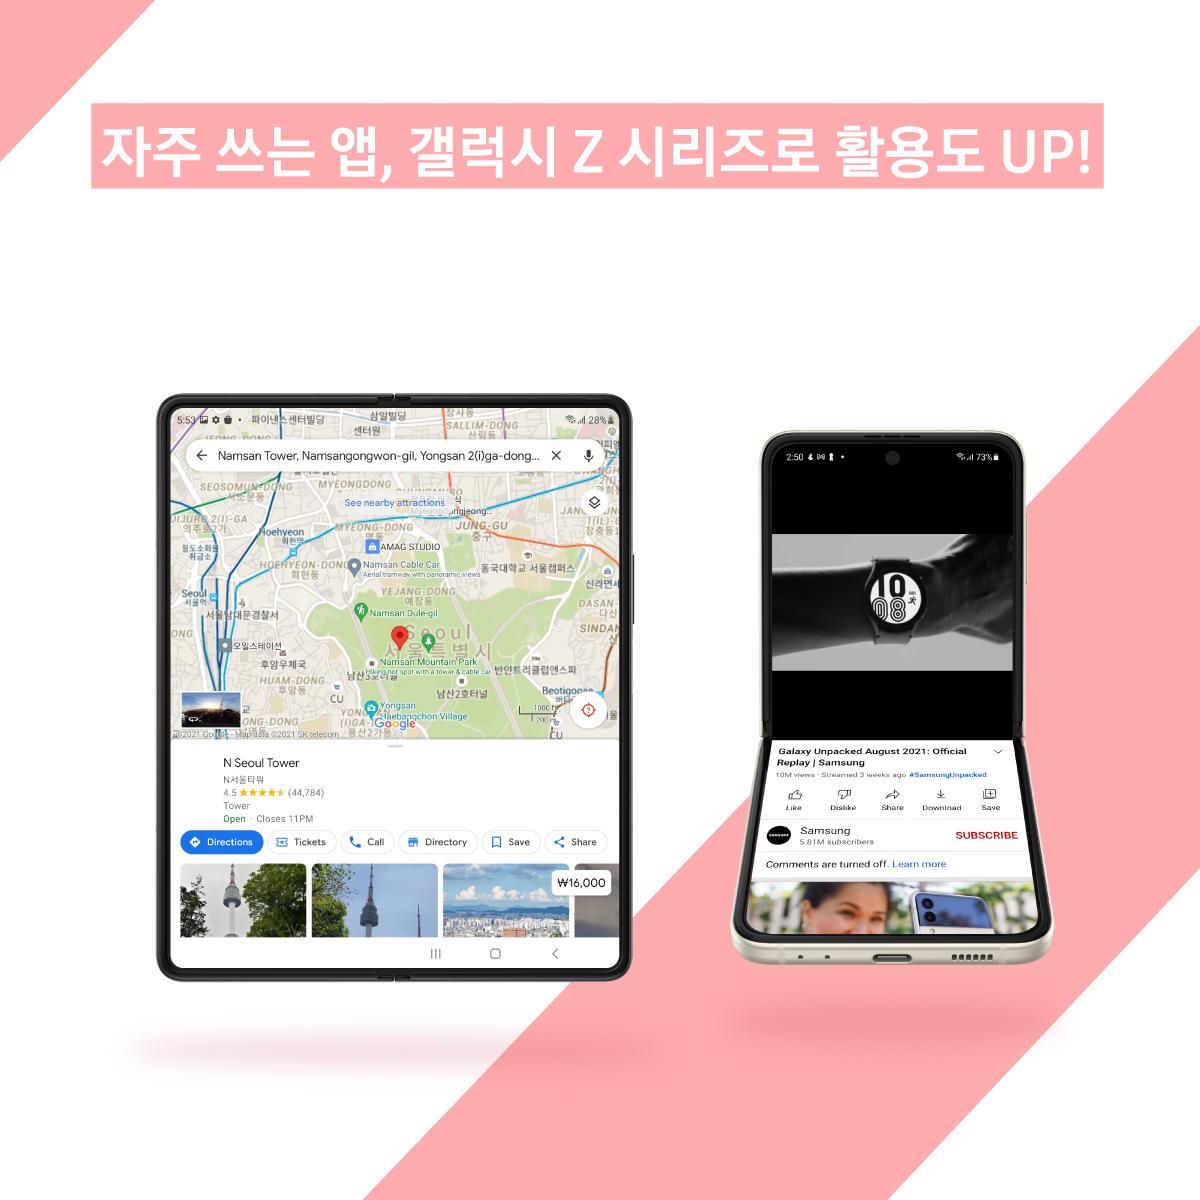 자주 쓰는 앱, 갤럭시 Z 시리즈로 활용도 UP!